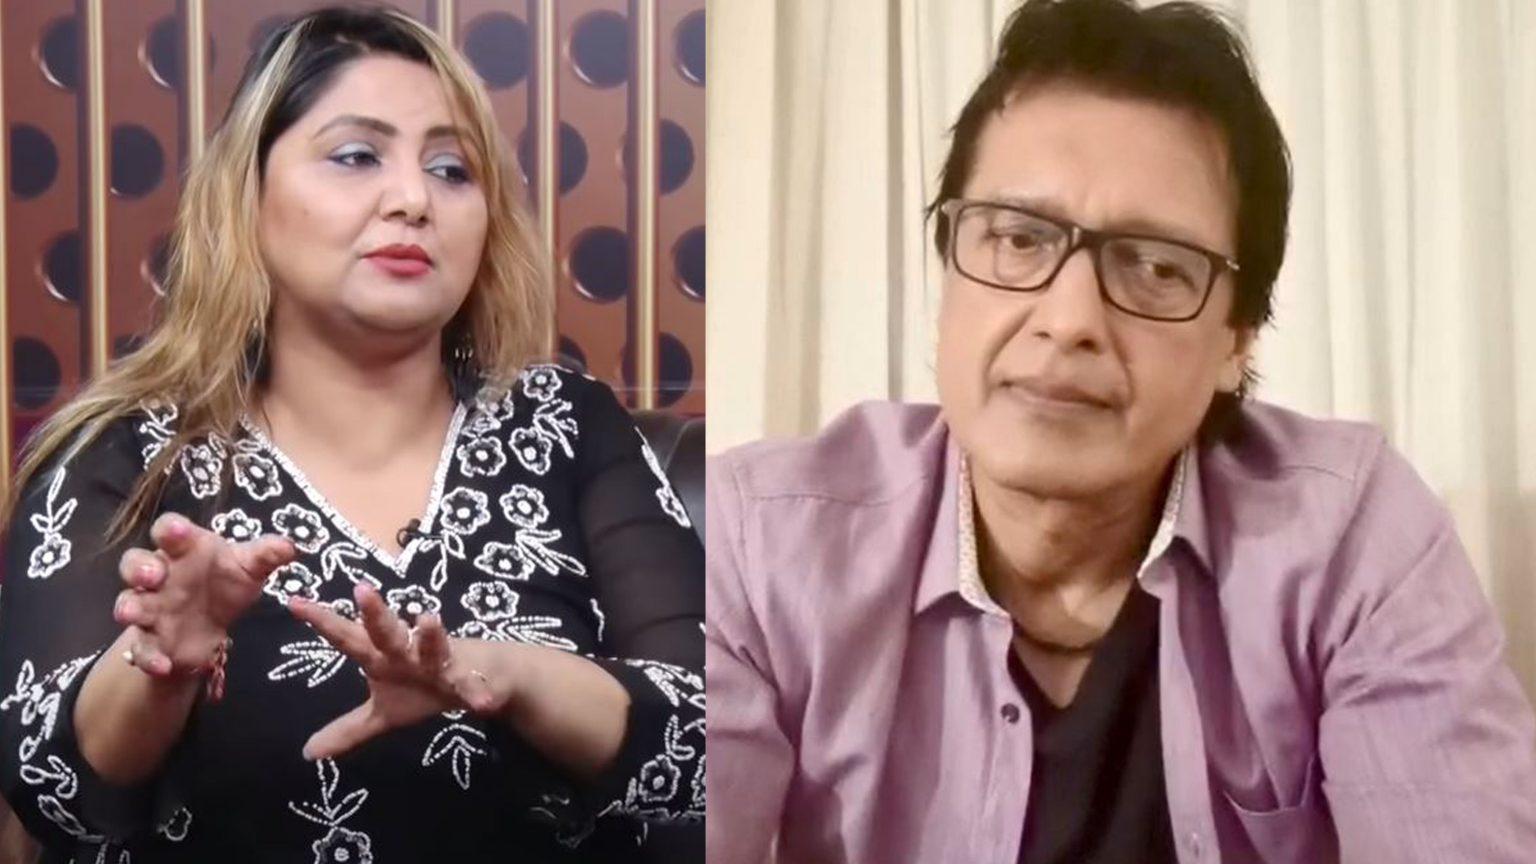 मध्यरातमा राजेश हमाल लाईभमा, दिपालाई क्षमा दिन अनुरोध